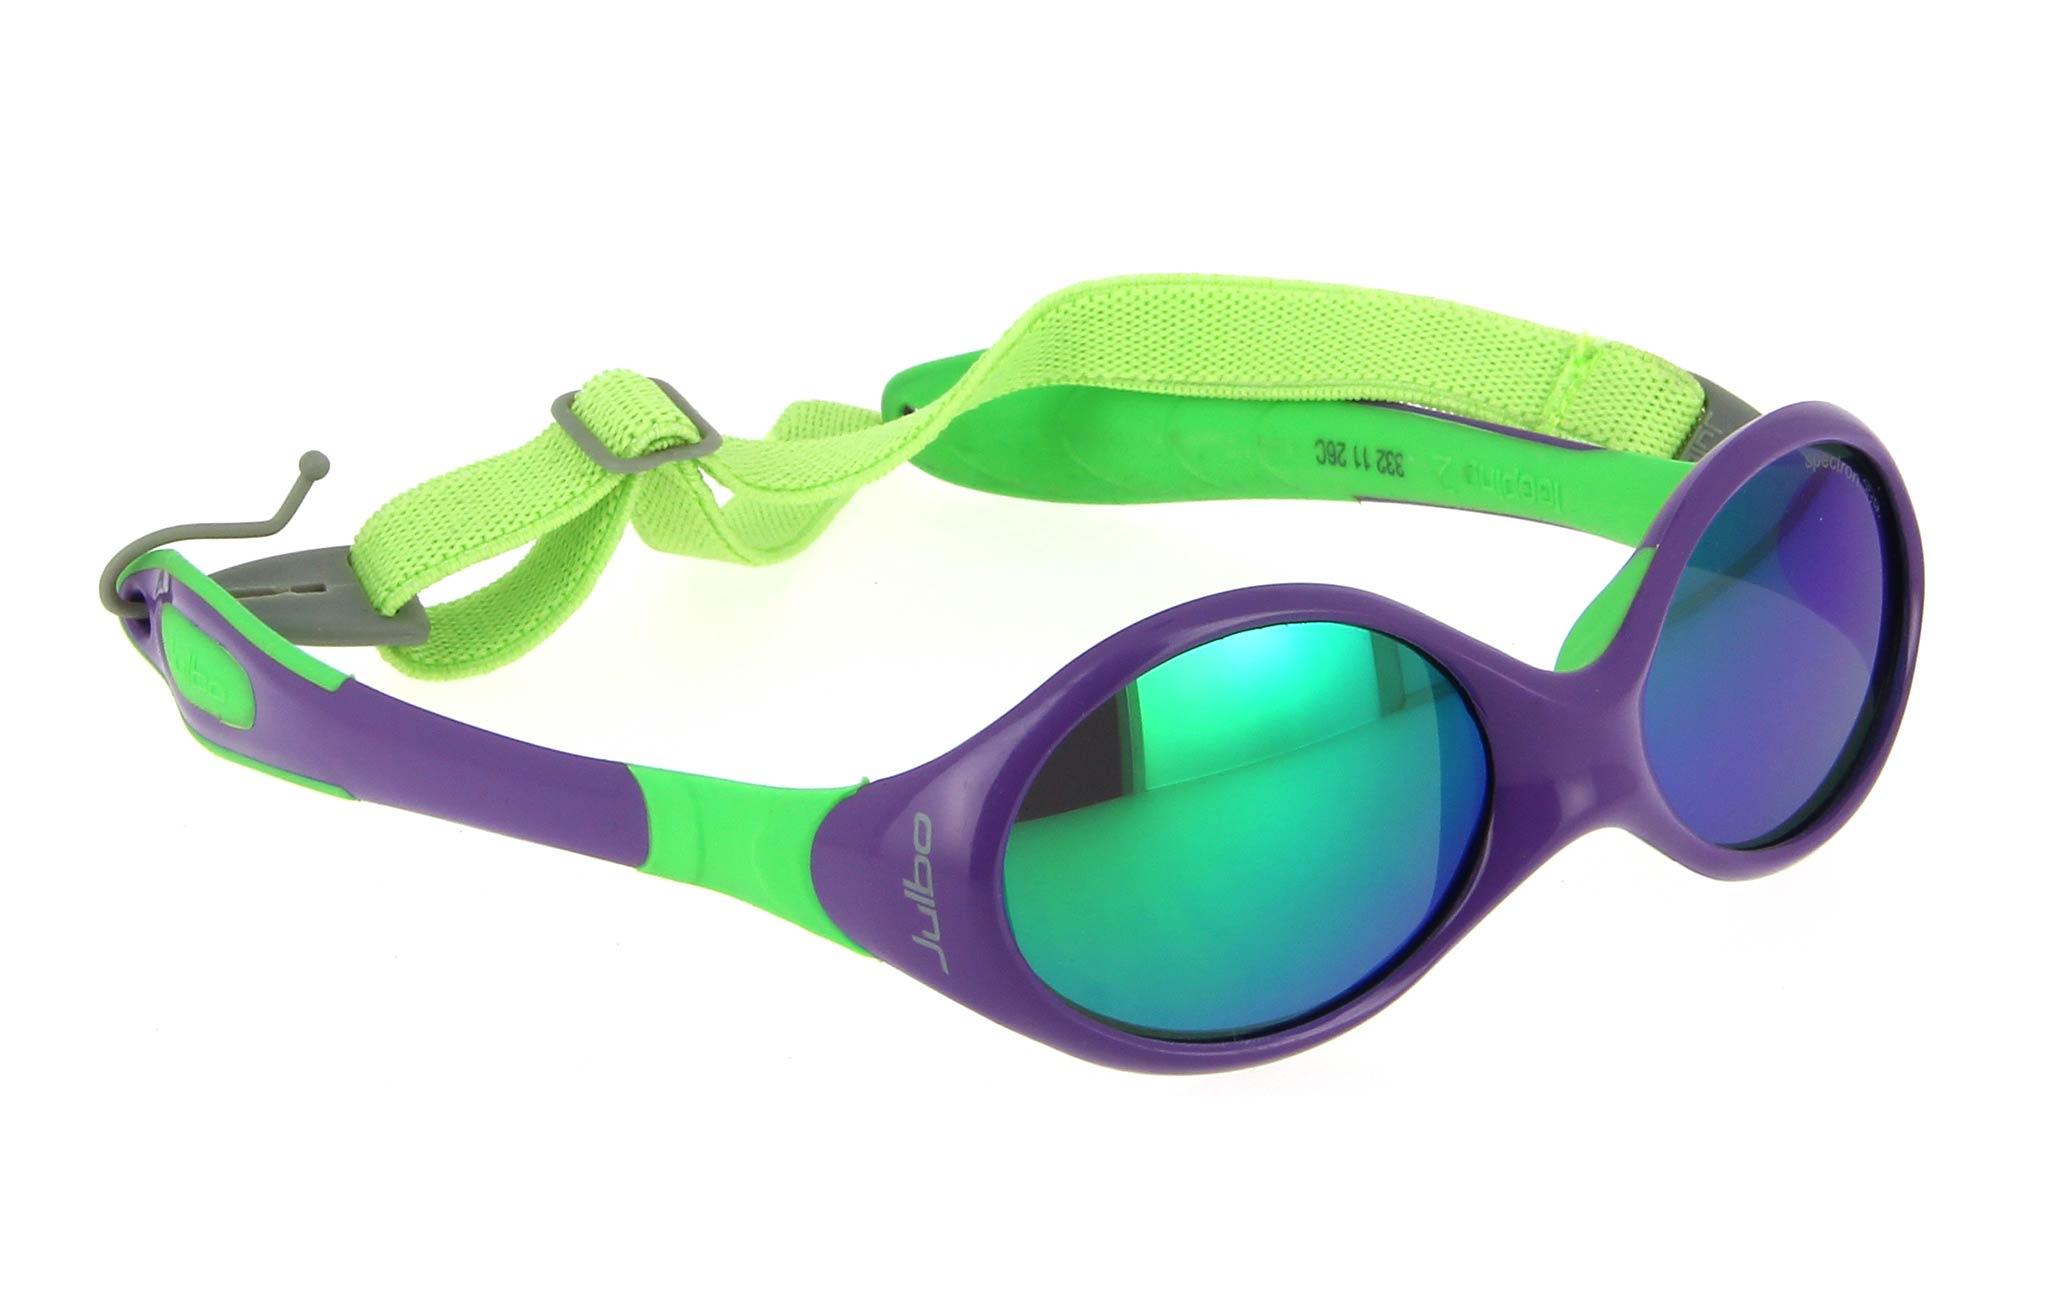 lunettes-enfant-julbo-looping2-332-violet-vert